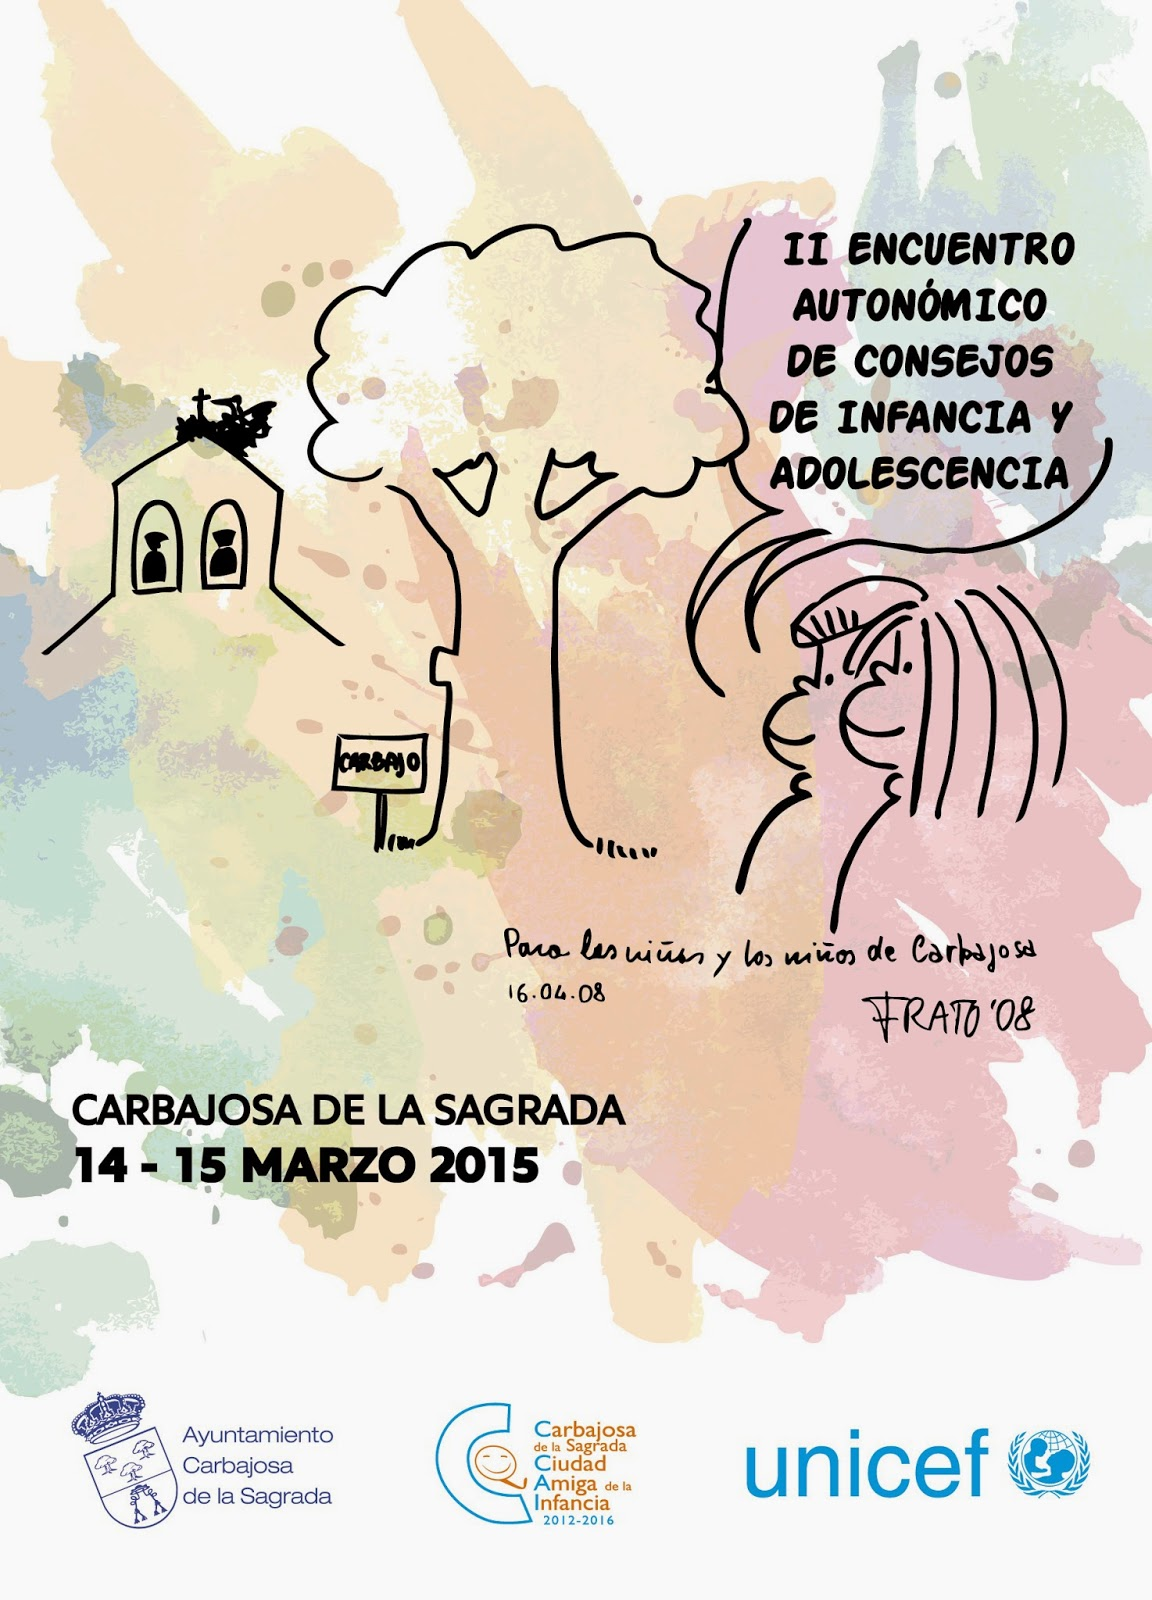 2º ENCUENTRO DE CASTILLA Y LEÓN DE CONSEJOS DE INFANCIA. ORGANIZADO DESDE CARBAJOSA